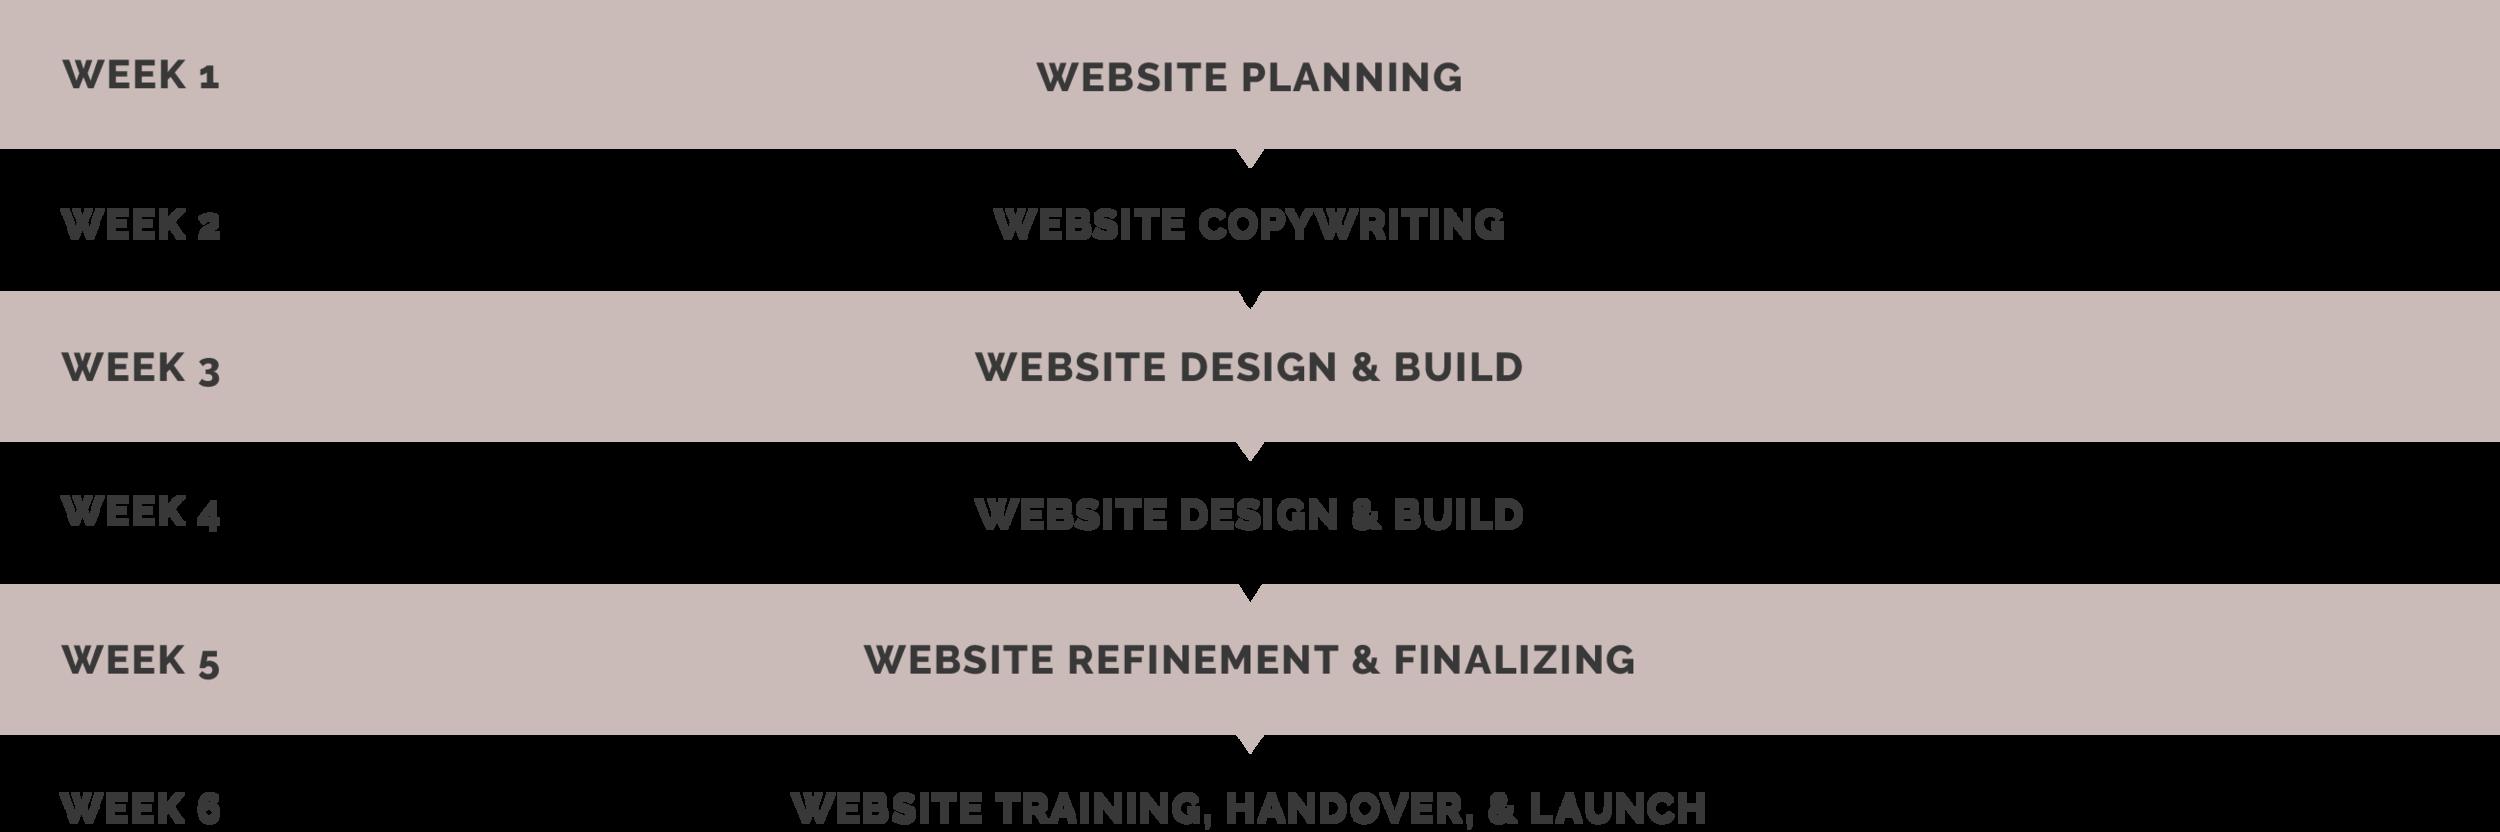 webdesigntimeline.png